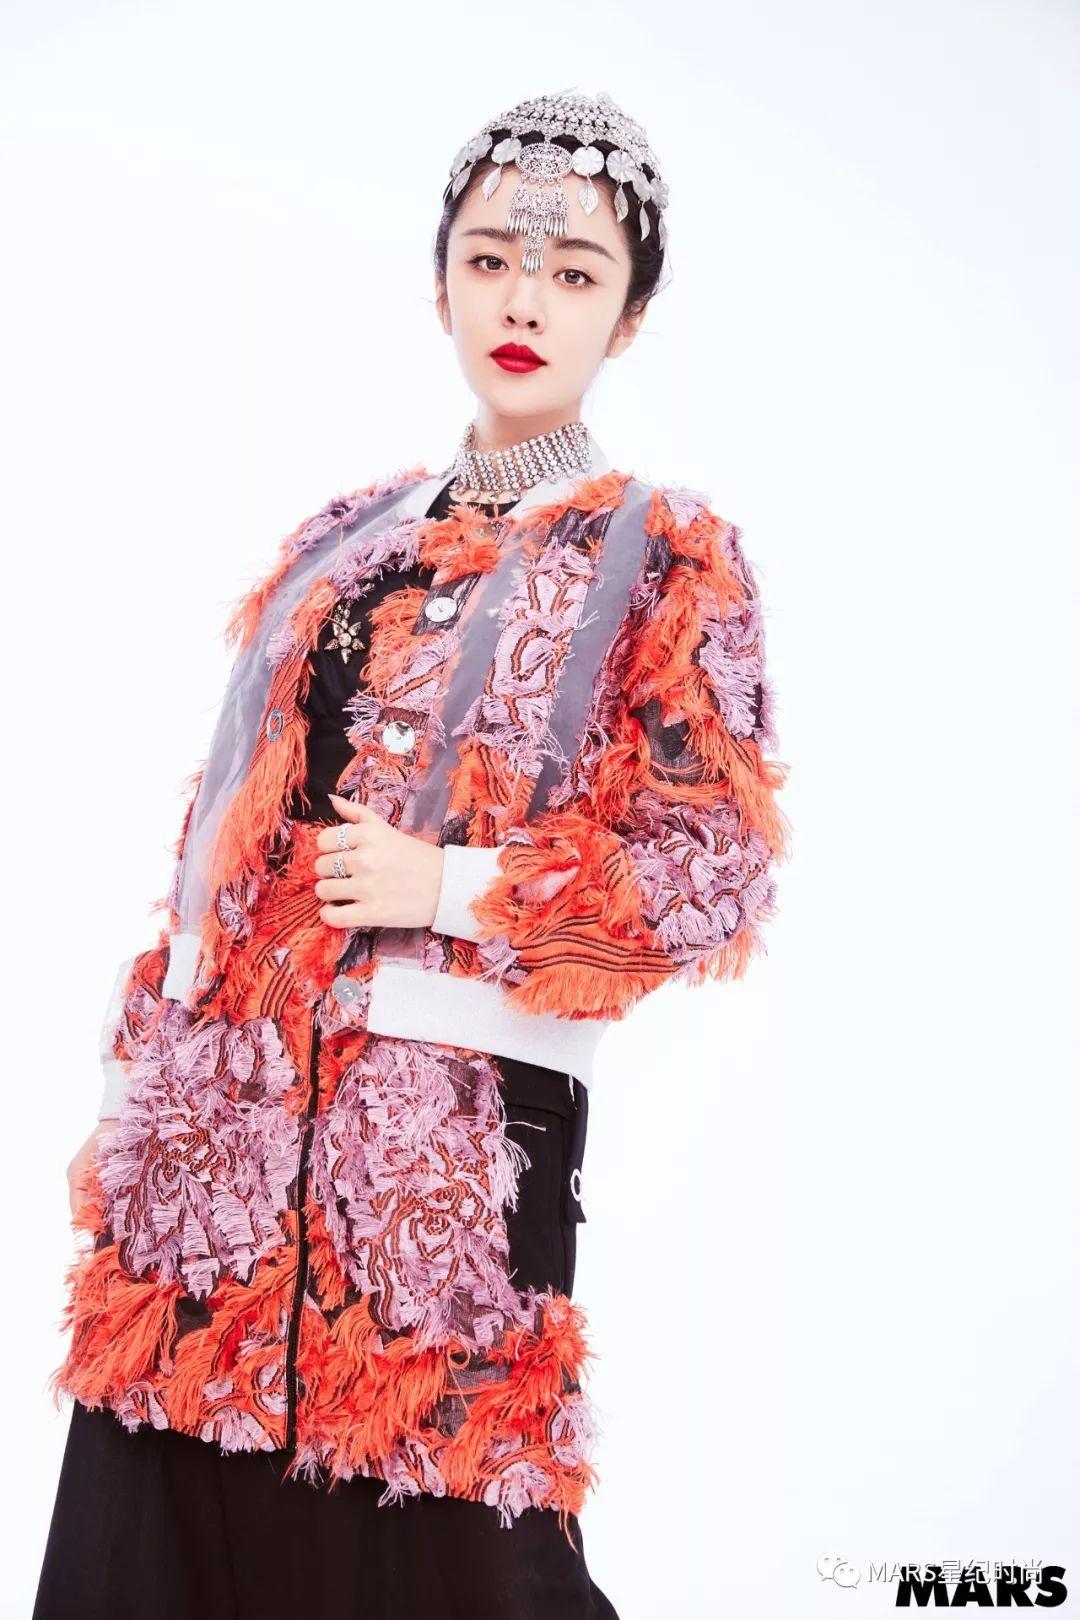 MARS星纪一派王晓晨--我的风格v一派时尚性感写真张小斐图片